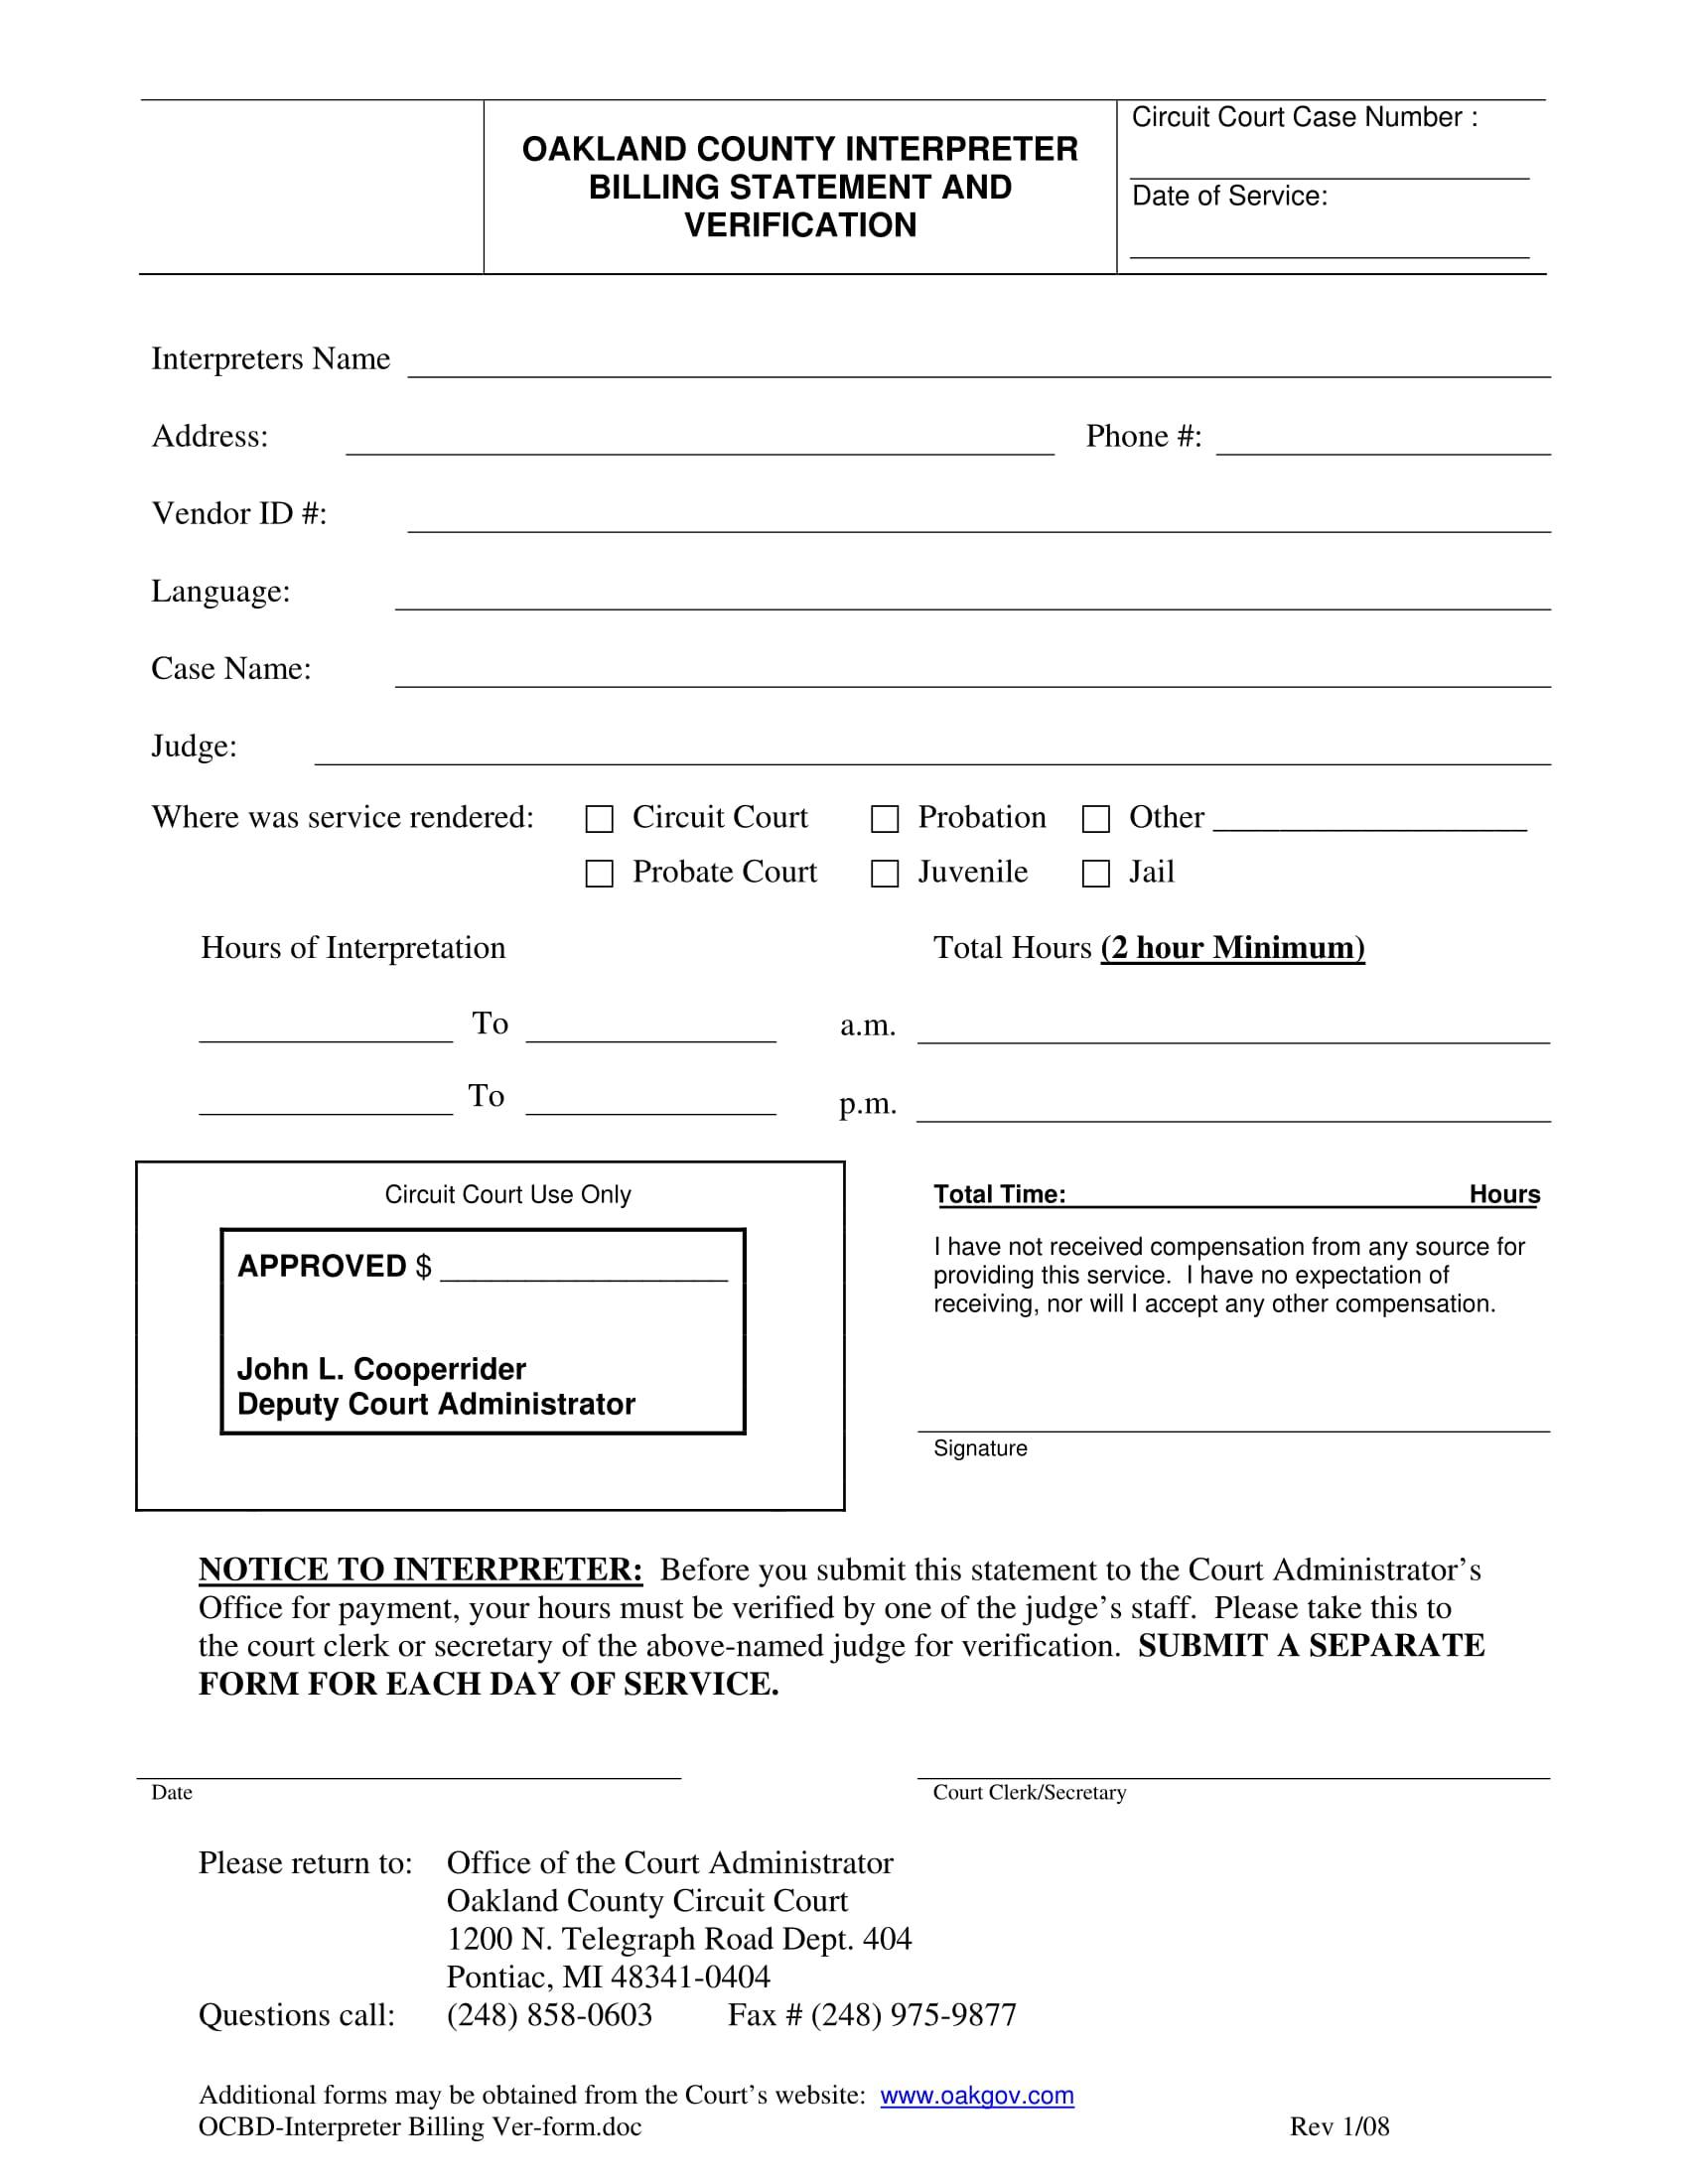 interpreter billing statement form 1